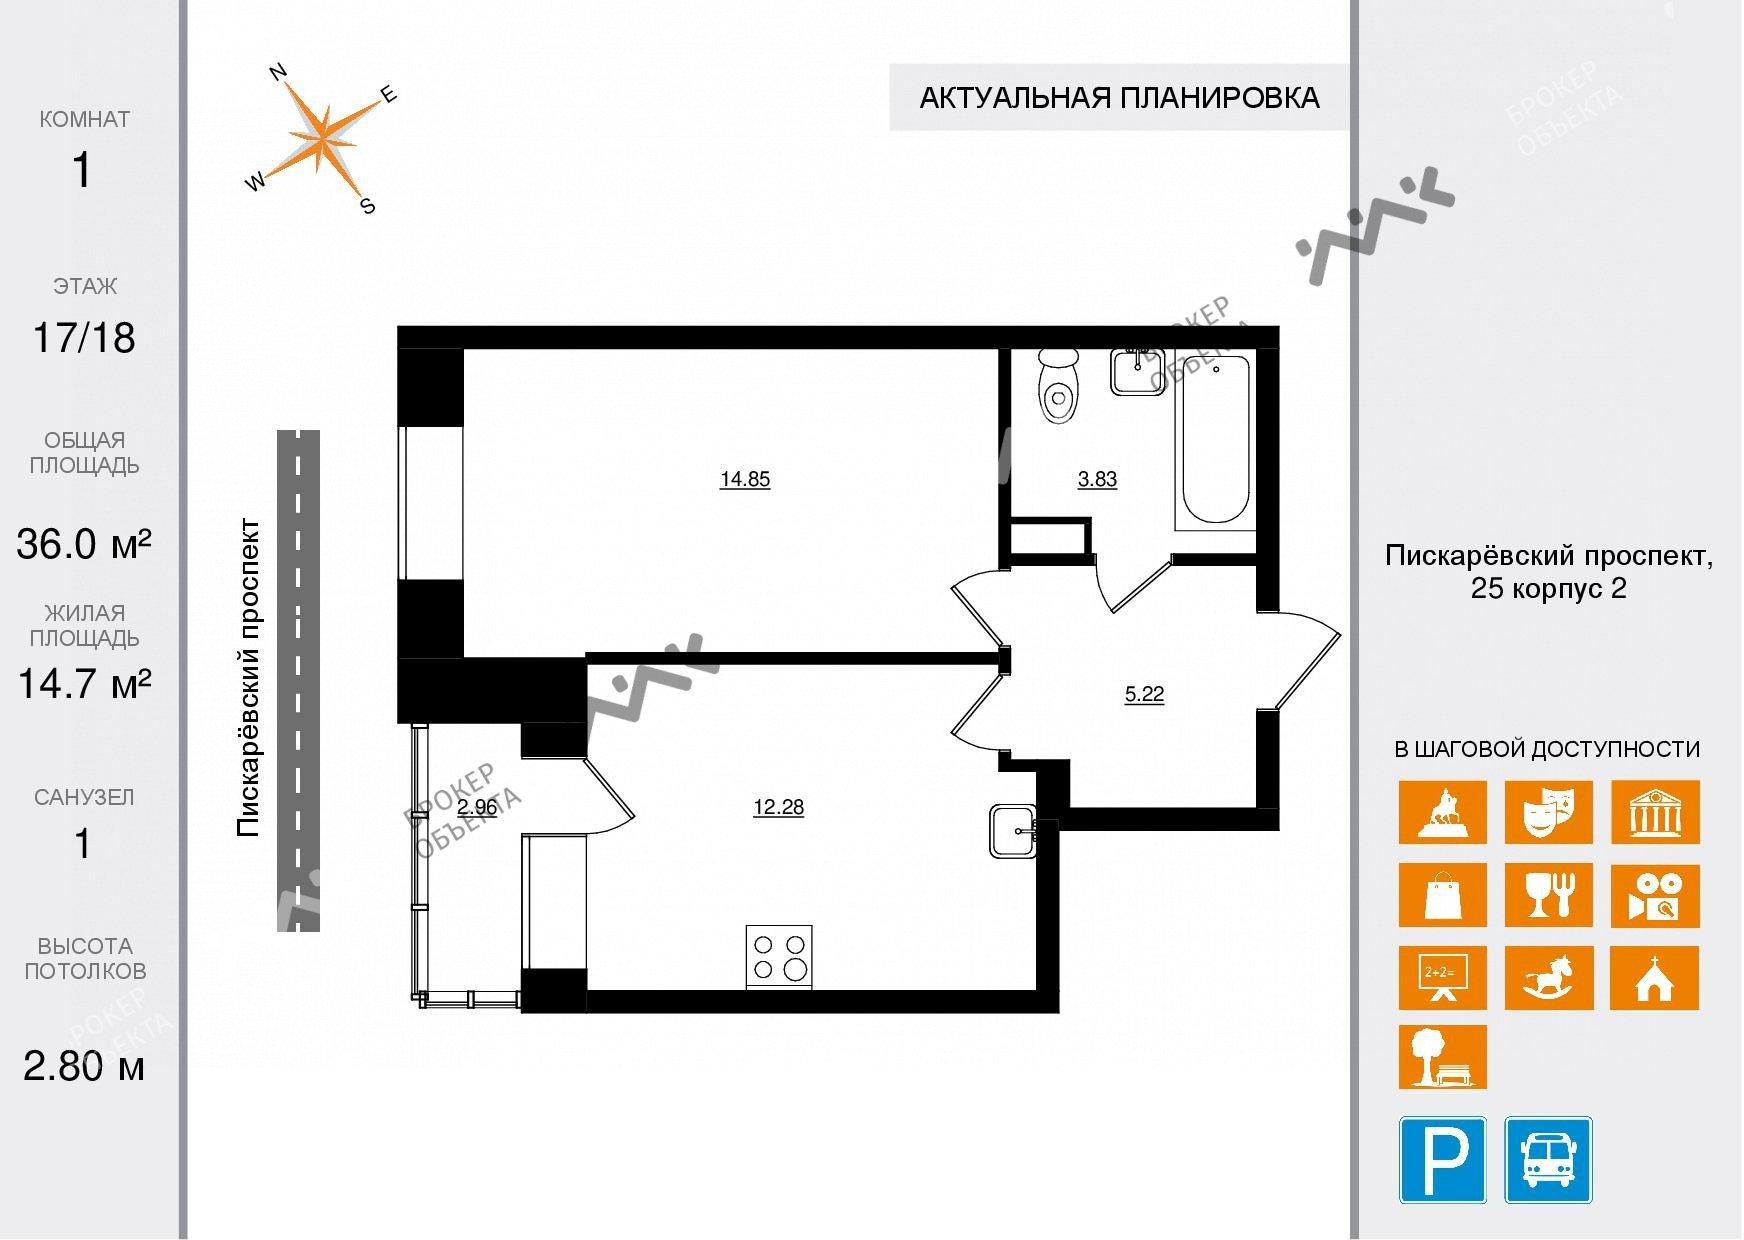 Планировка Пискаревский проспект, д.25, к.2. Лот № 45358643